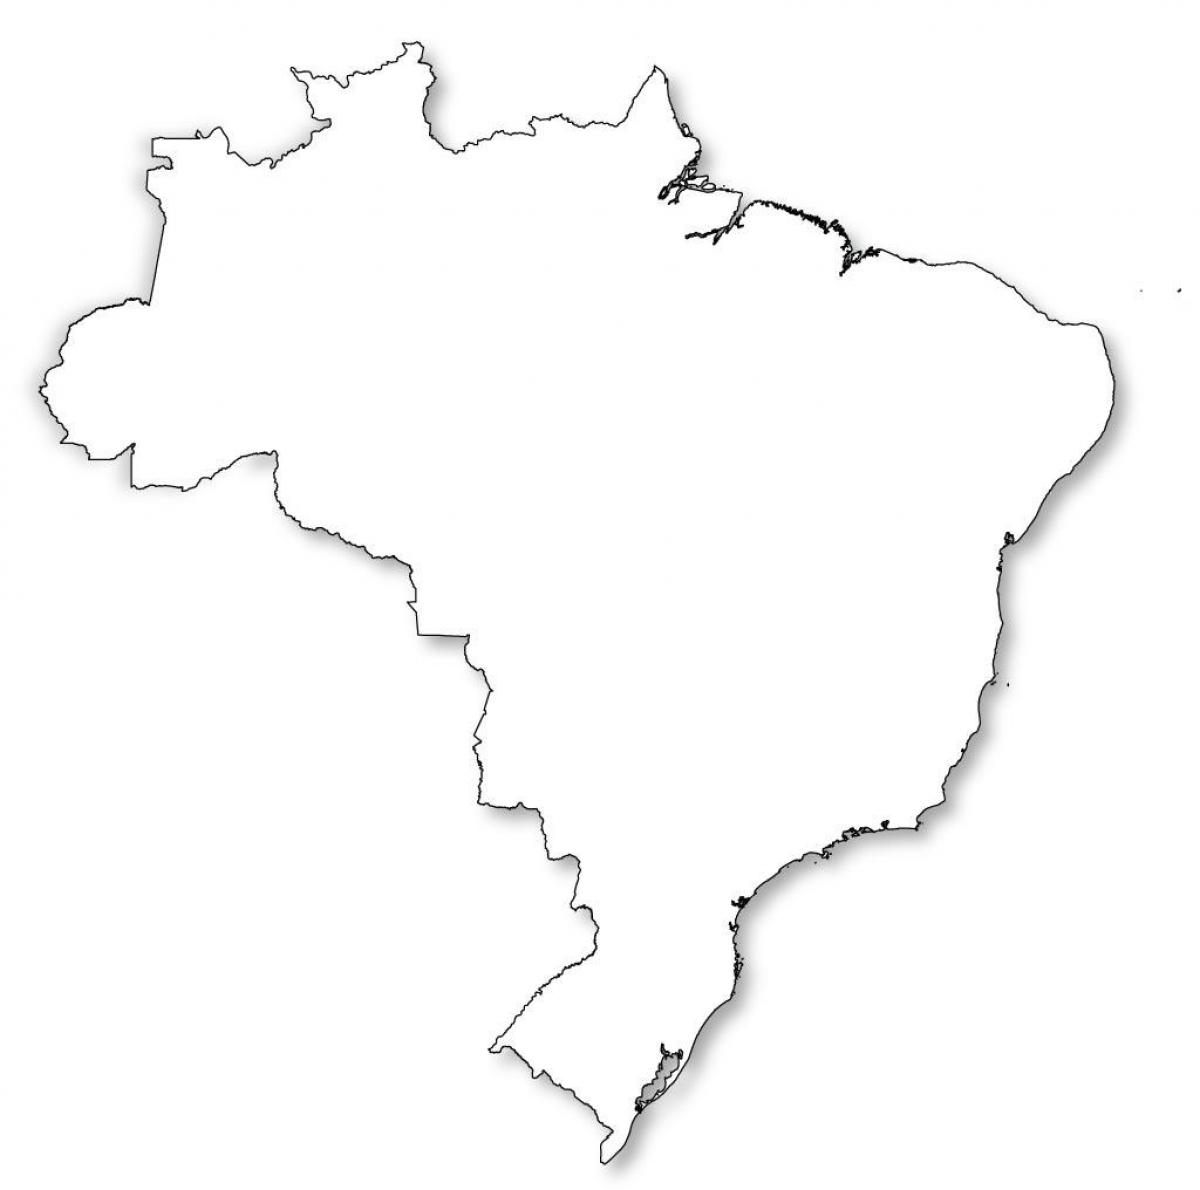 Peru Karte Umriss.Karte Von Brasilien Umriss Landkarte Von Brasilien